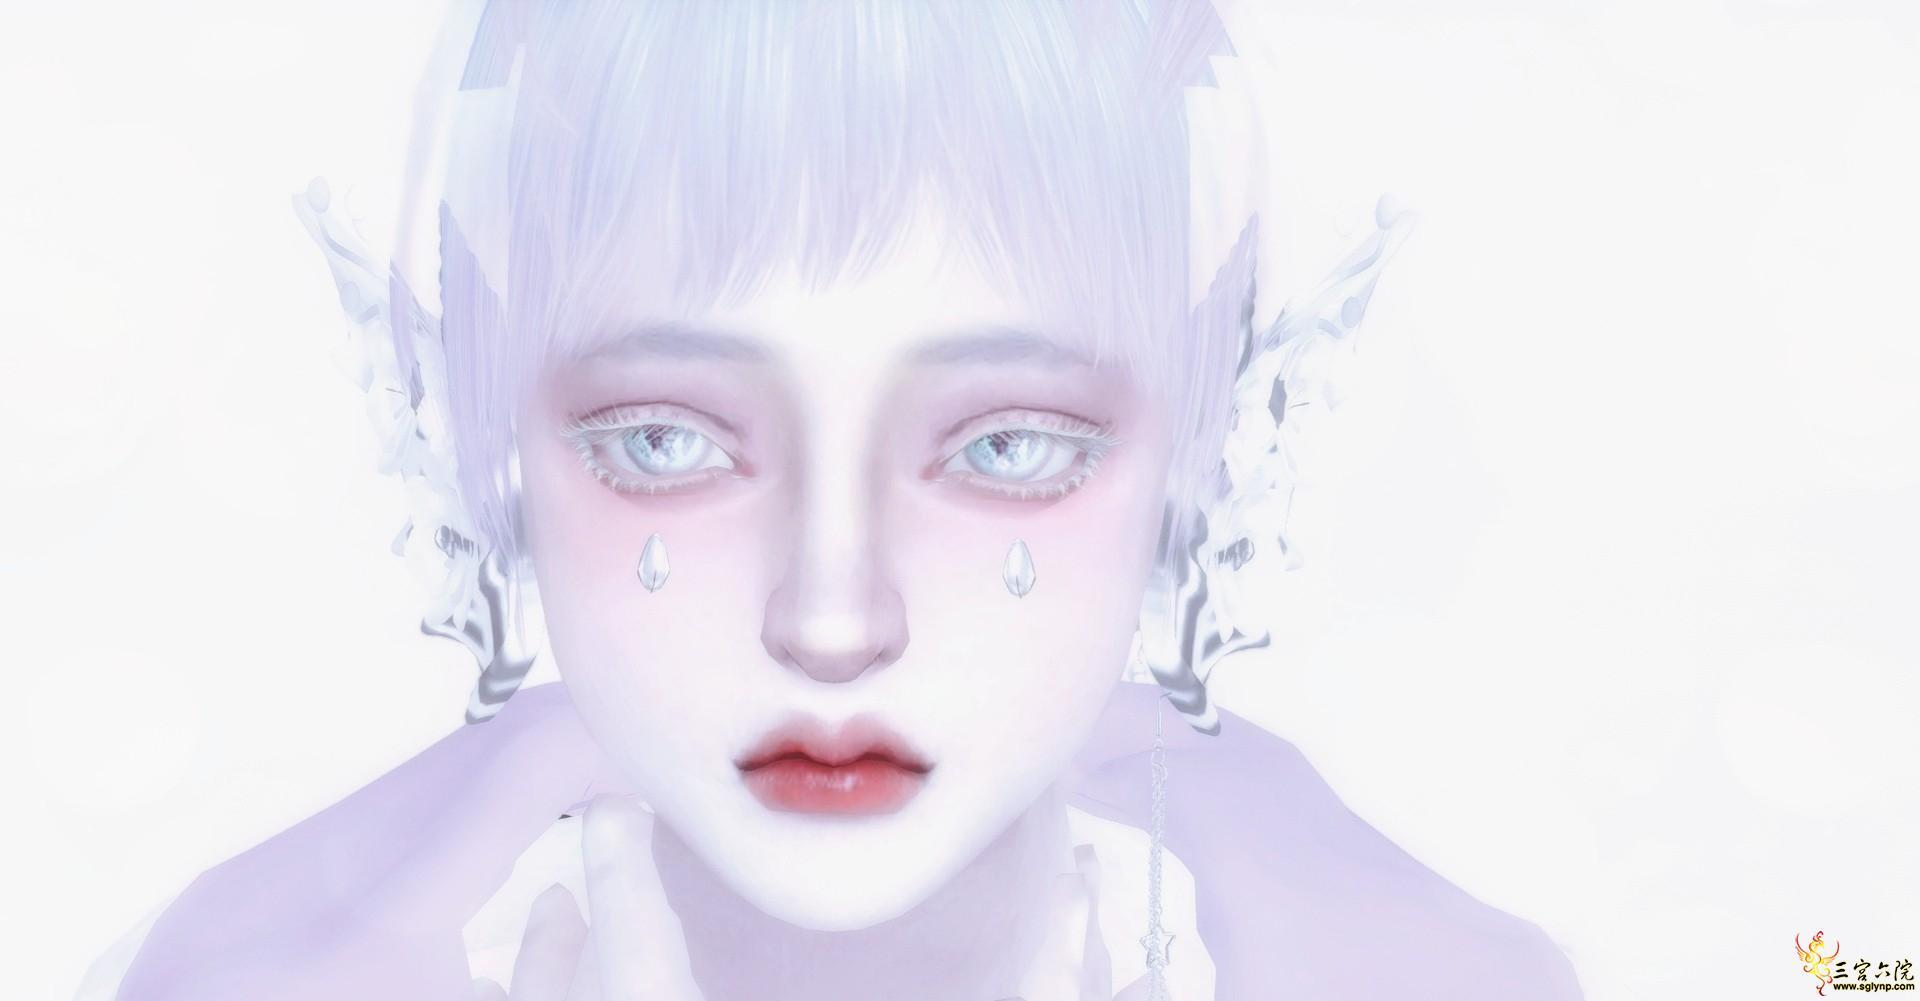 【龙伊】purity,and if you purity(回帖领币)